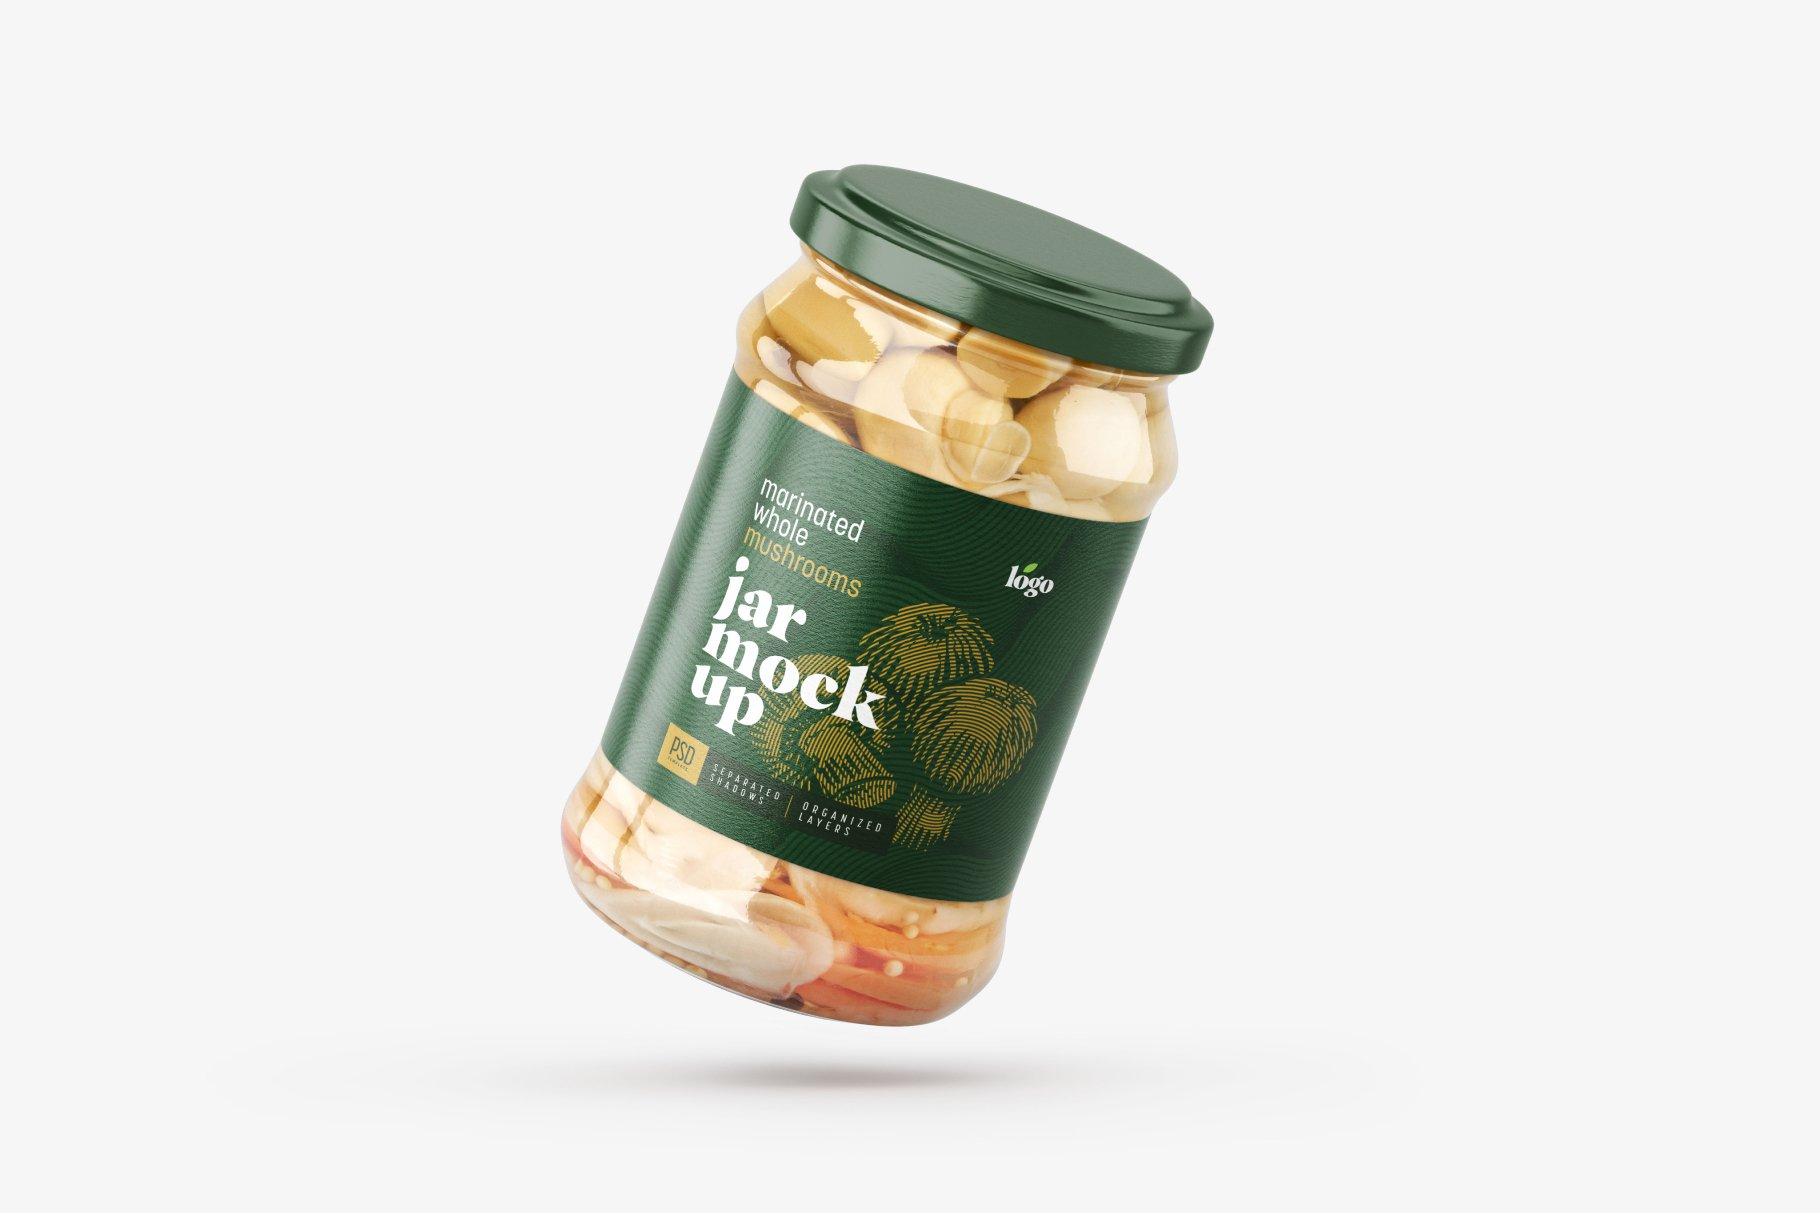 10款新潮蘑菇果酱水果罐头玻璃瓶标签设计展示样机合集 Whole Mushroom Jar Mockup Set插图11